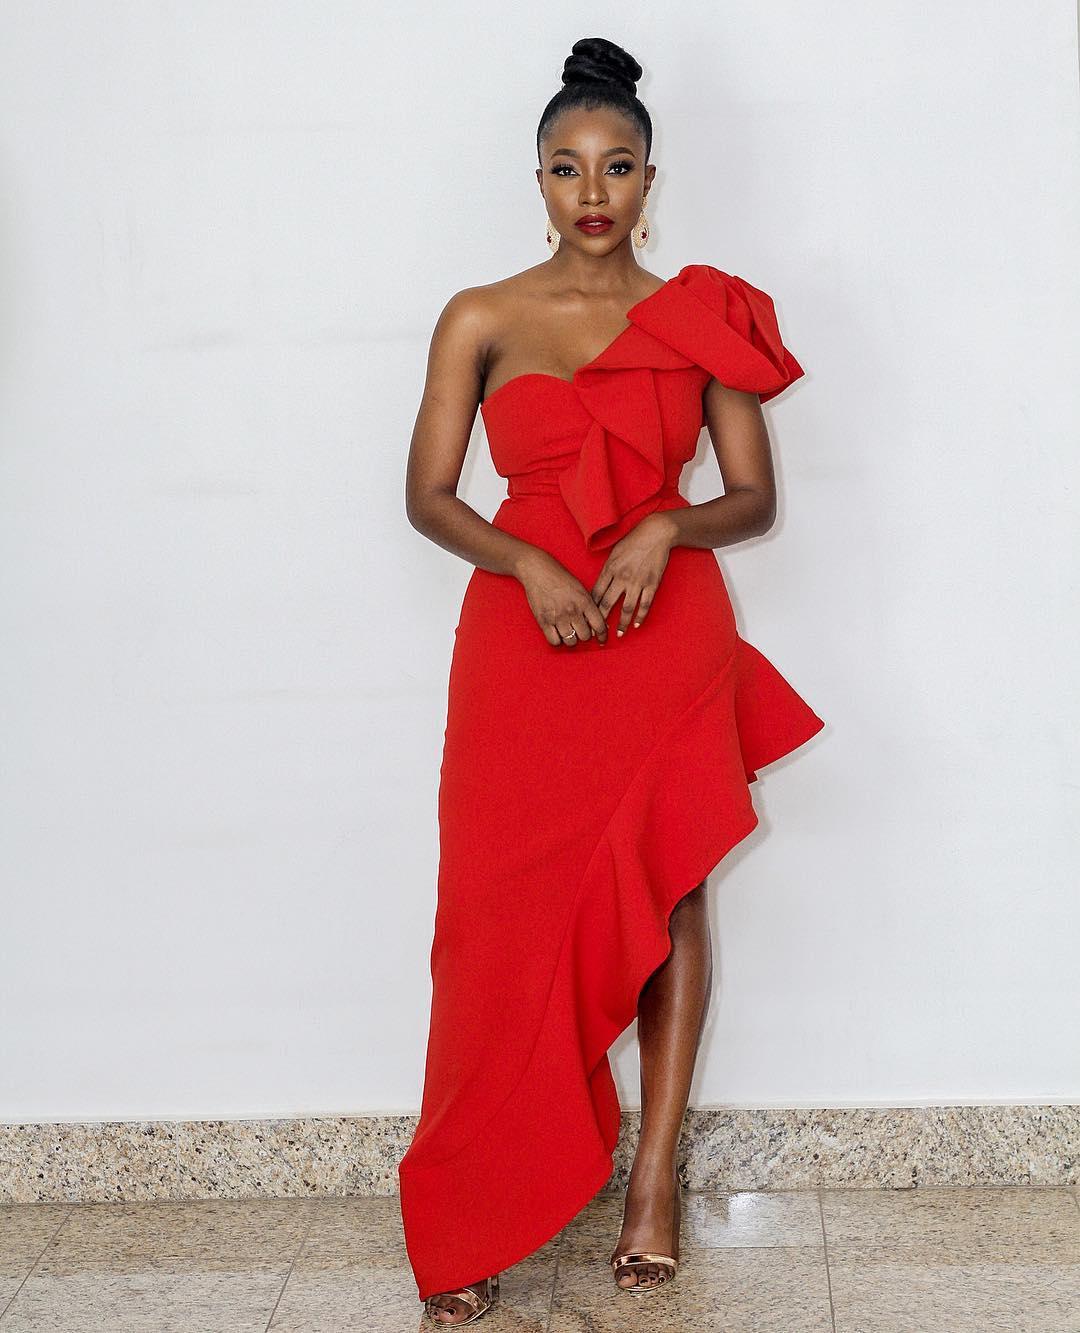 Ini Dima-Okojie at Eloy Awards 2017